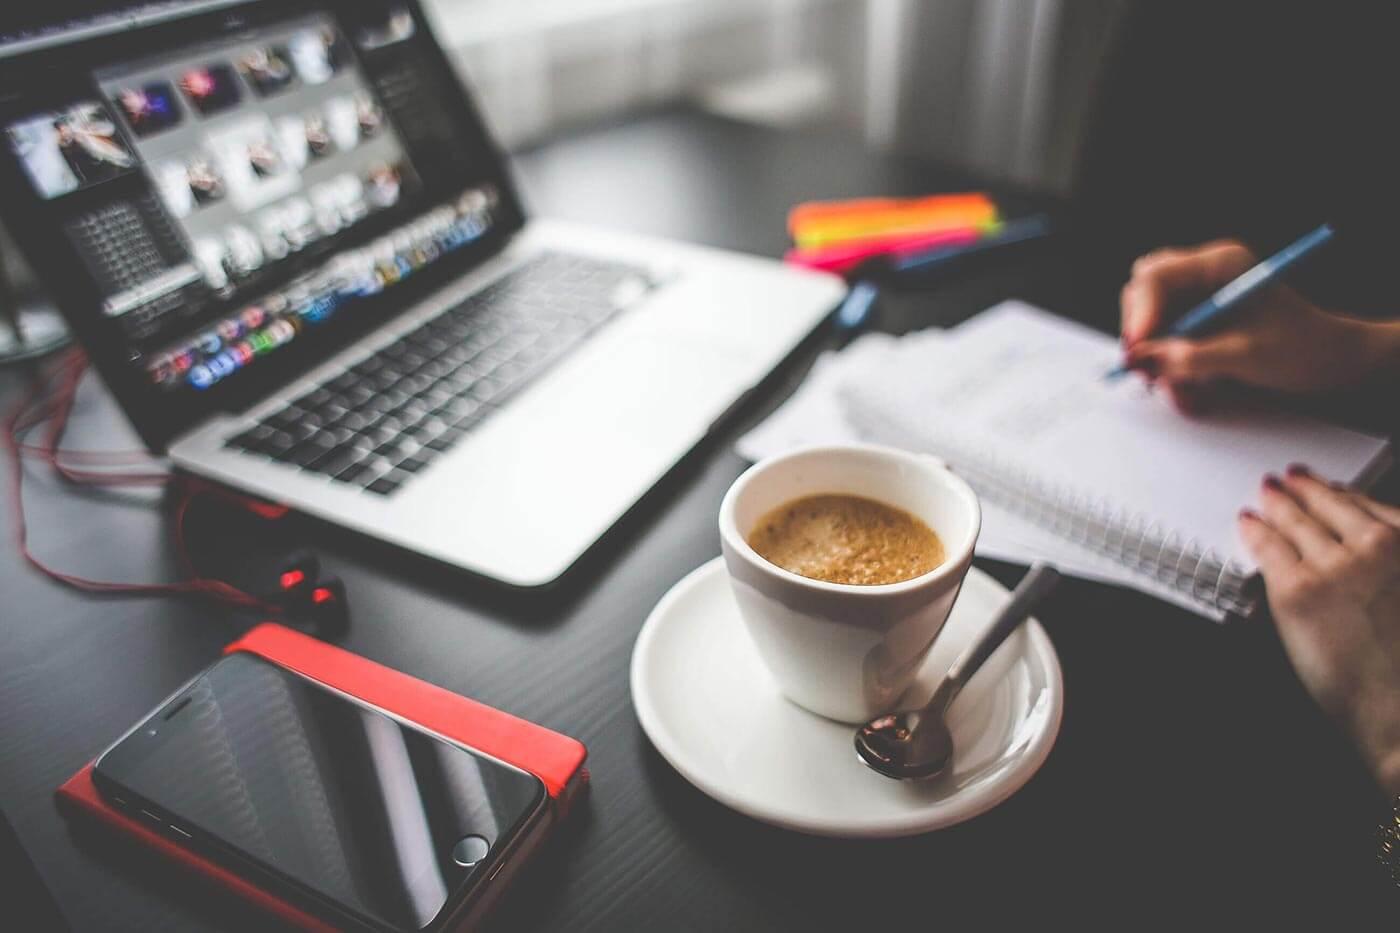 Agencia de marketing digital en Bogotá Diseño Web: Tips para obtener mayor conversión en tu sitio web